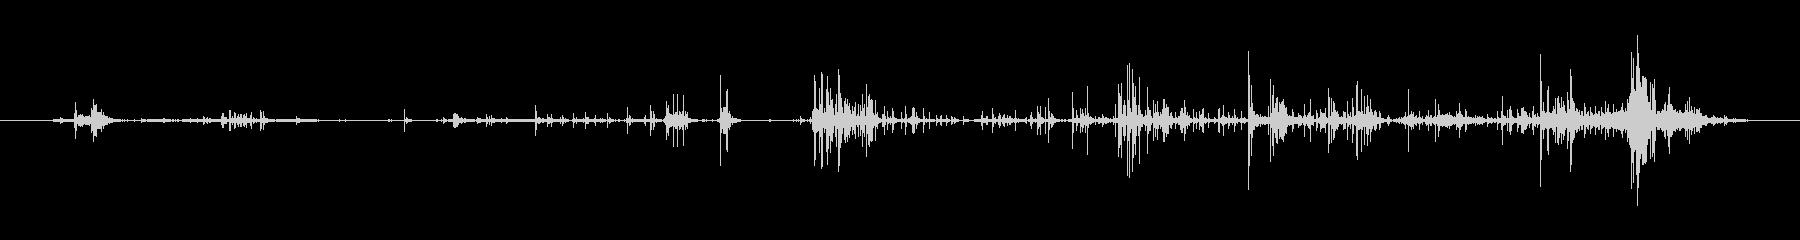 ギューボフッ(ゴムのマスクを外す音)の未再生の波形